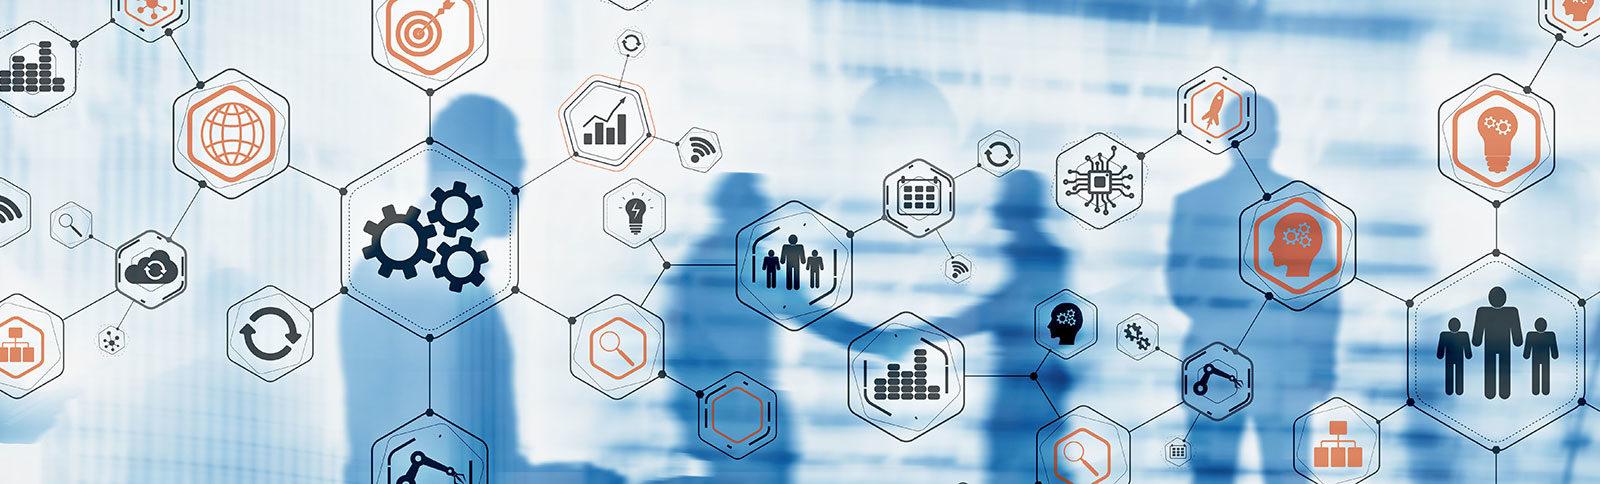 Innovation mit Unternehmens- und Mitarbeiterentwicklung verbinden